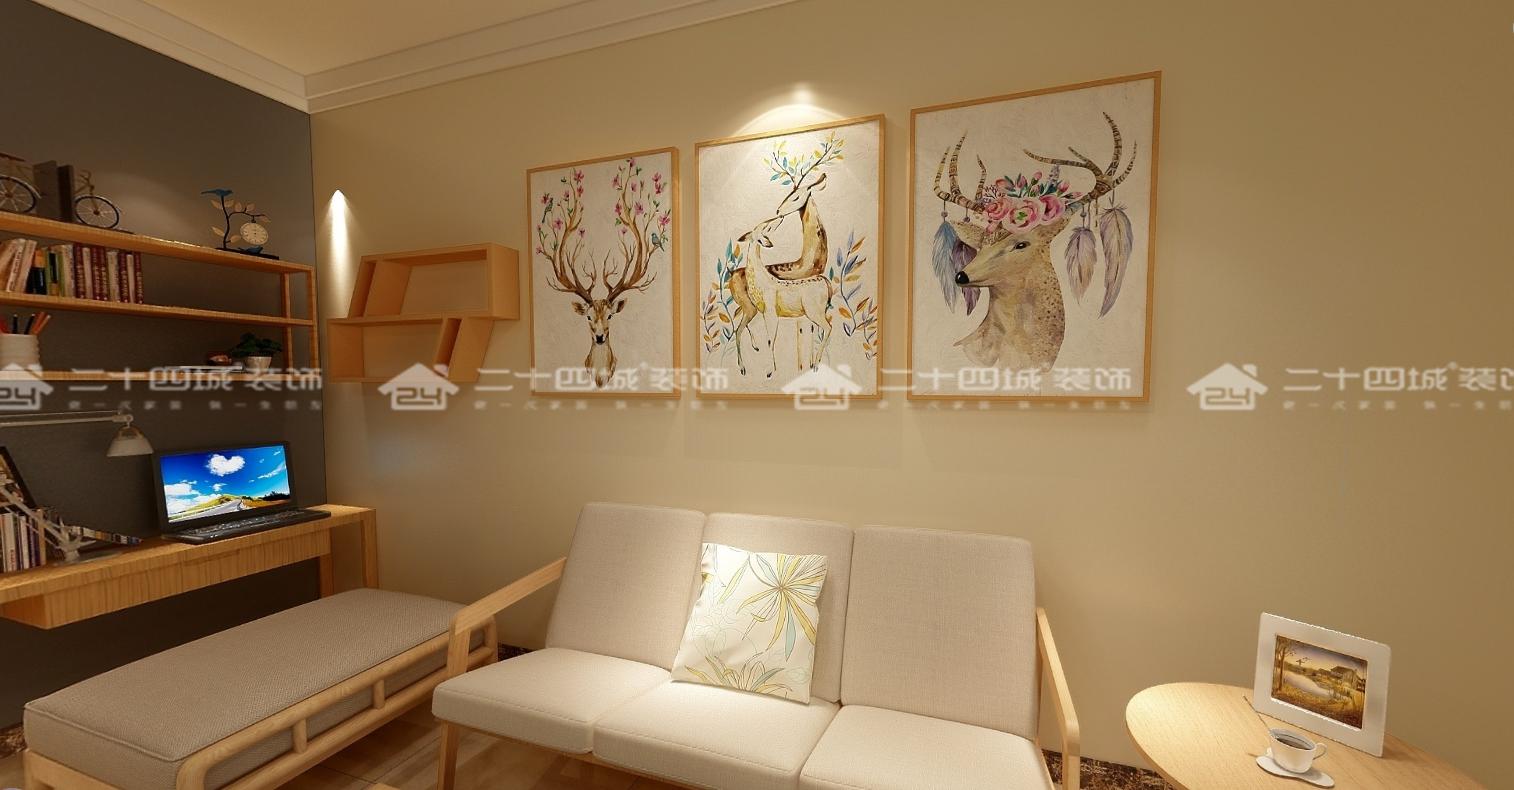 简约 北欧 混搭 白领 收纳 旧房改造 小资 温馨 舒适 客厅图片来自二十四城装饰(集团)昆明公司在盛唐城 北欧的分享